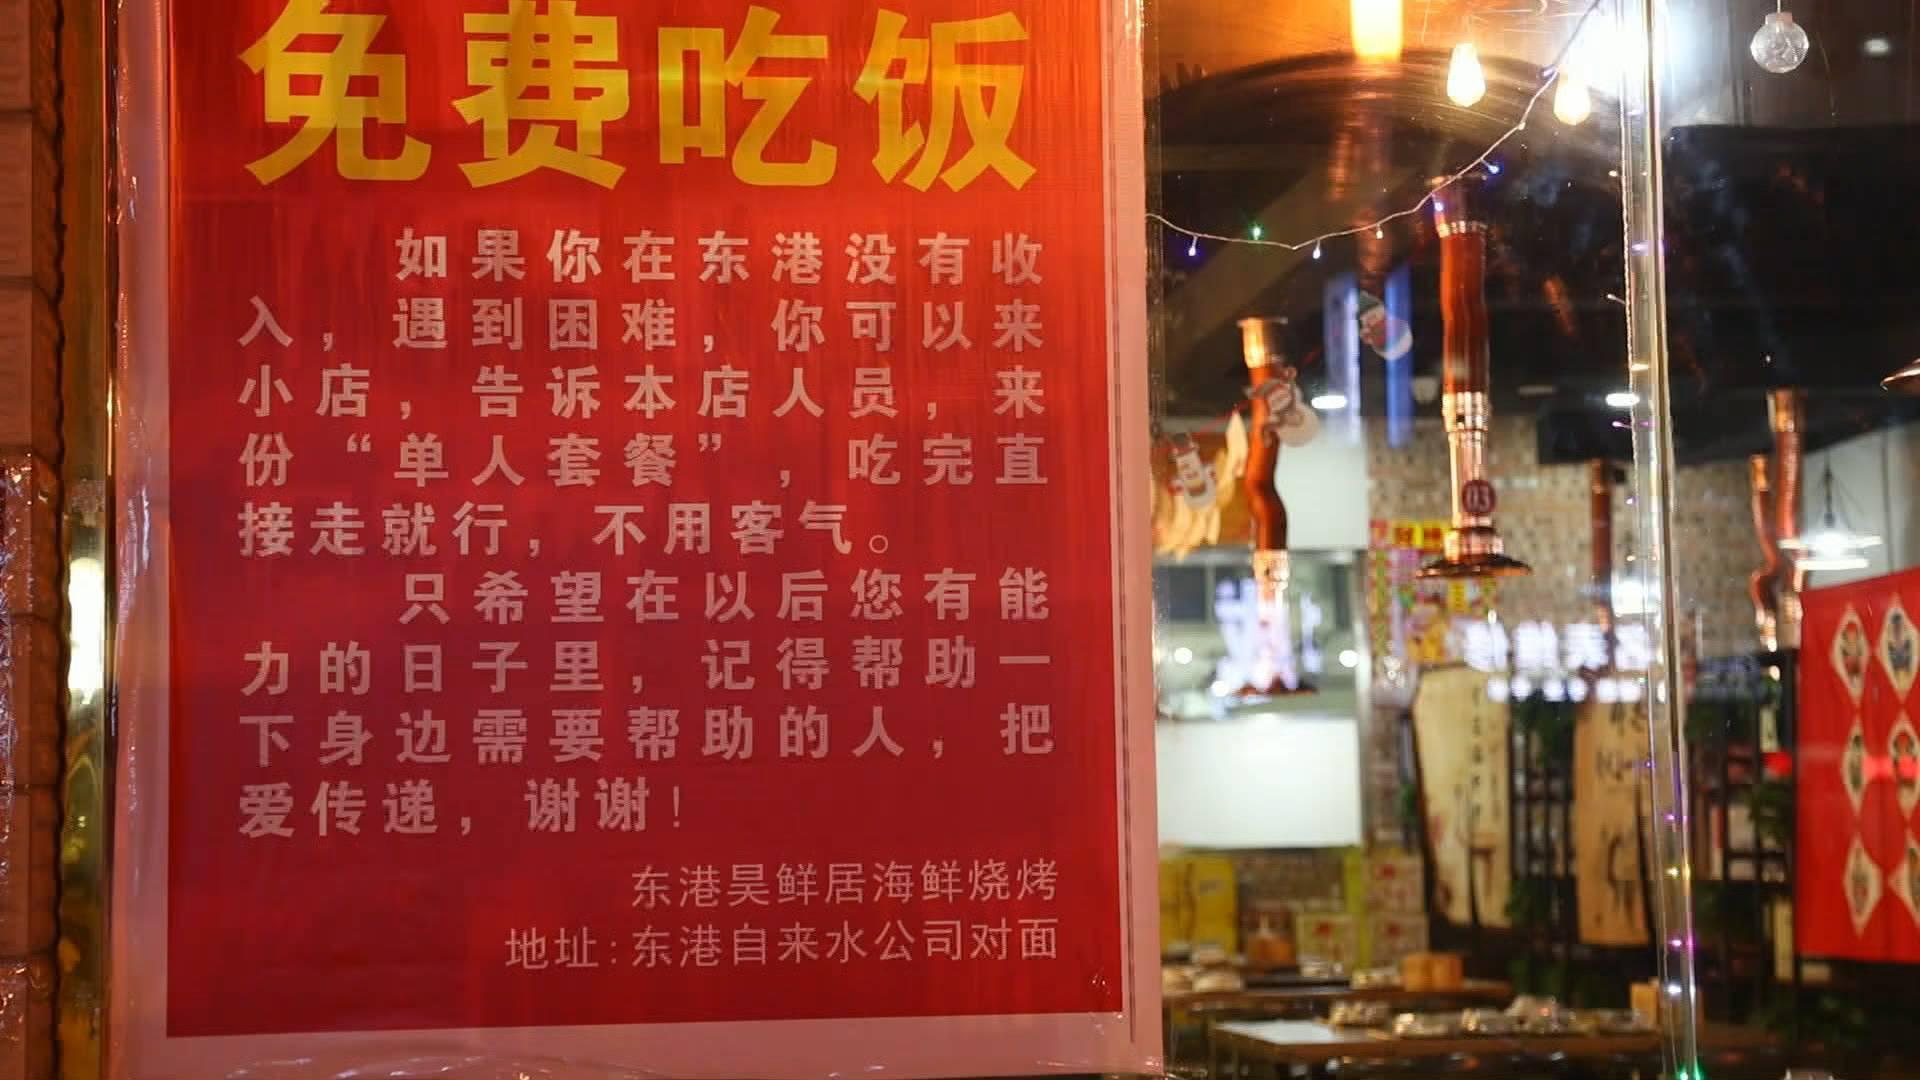 40秒丨辽宁小夫妻为困难市民送免费套餐:希望爱可以传递下去